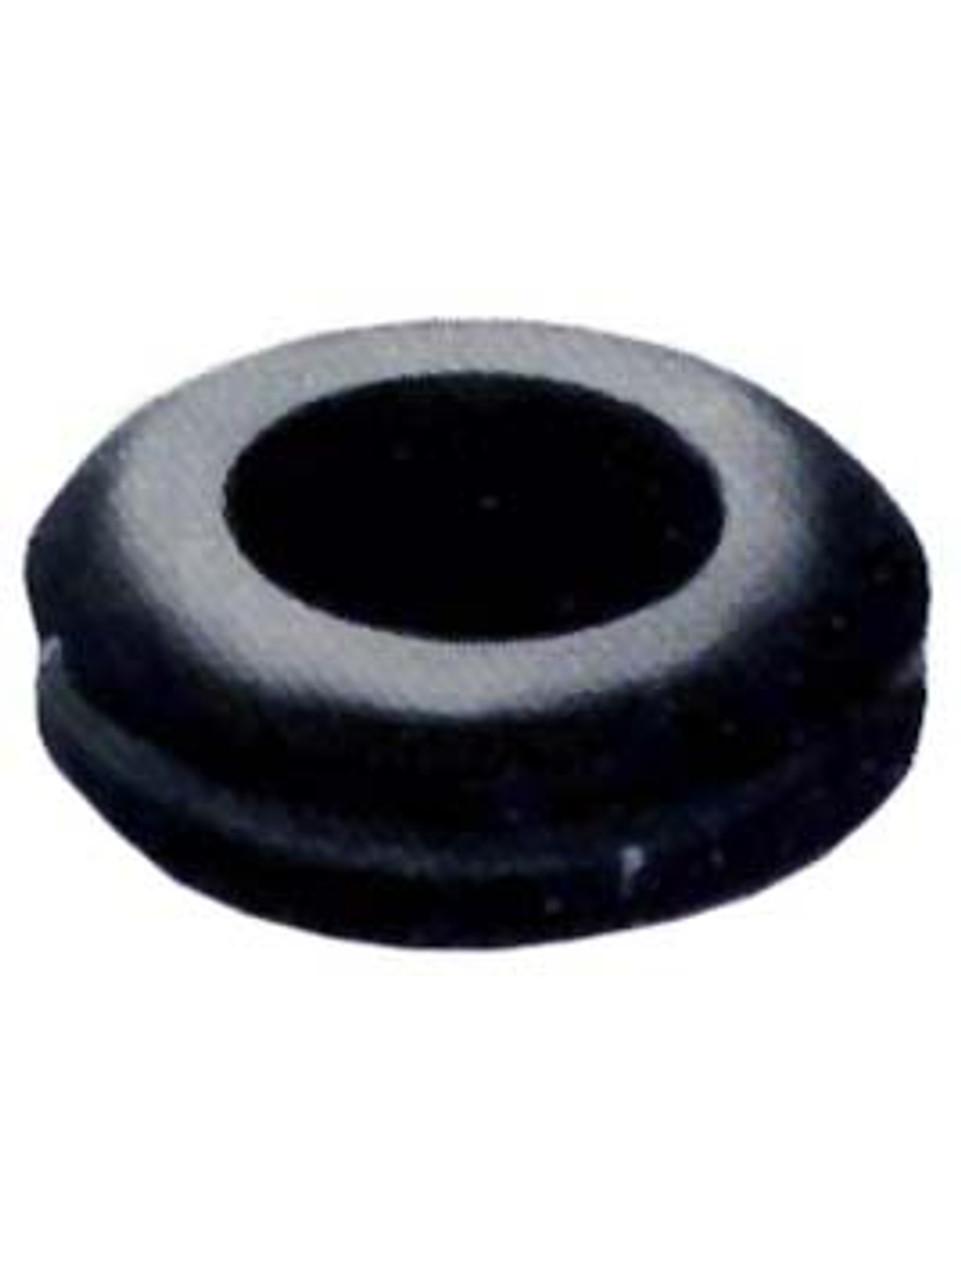 GROM1 --- Rubber Grommet